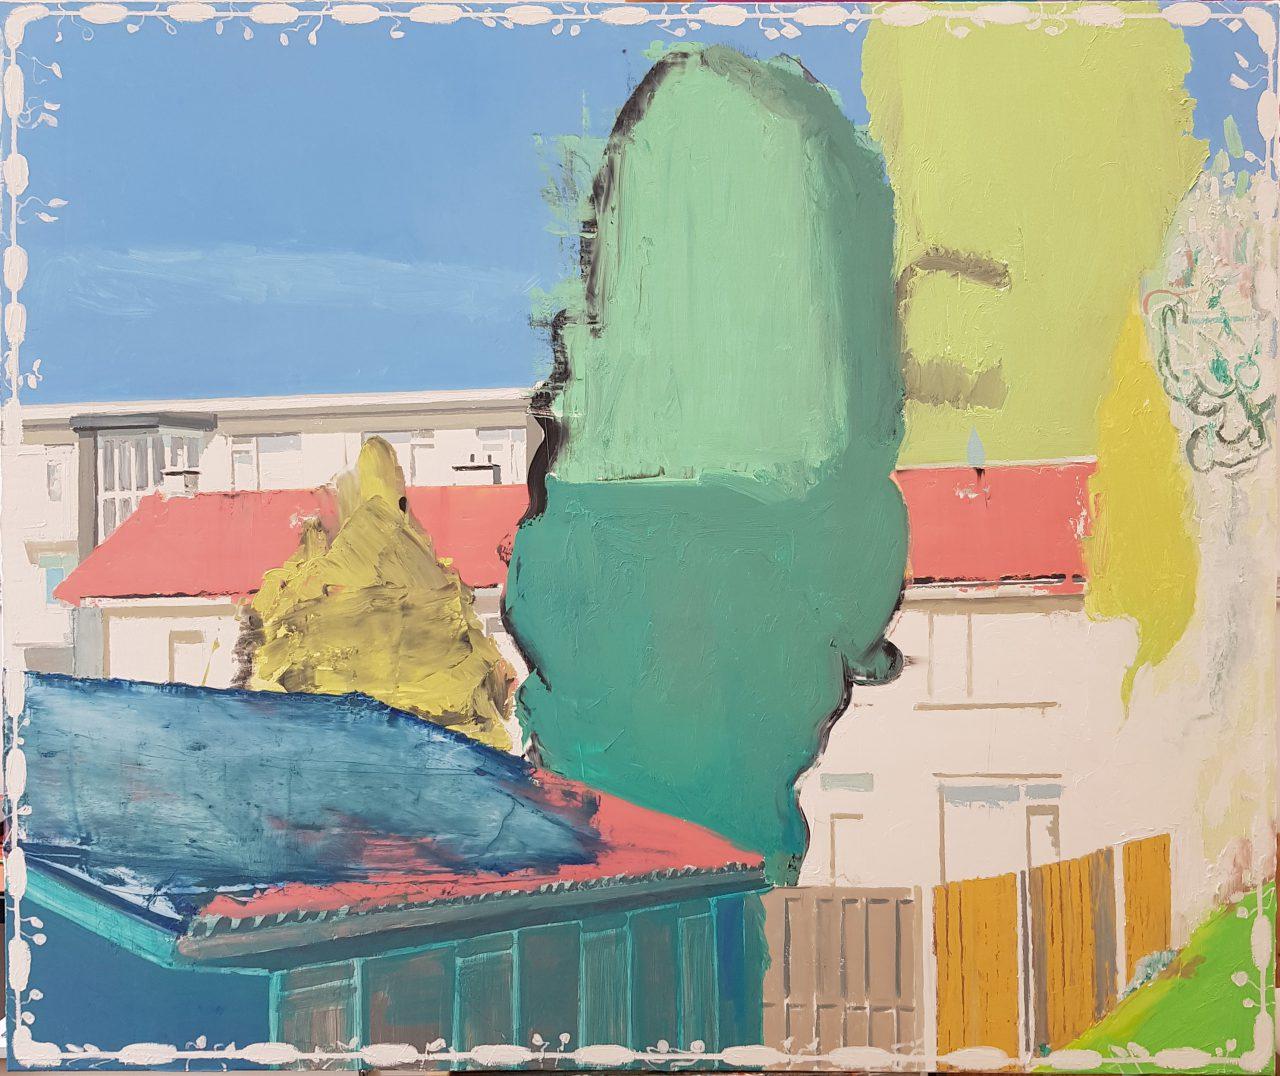 Huizen in de Vogelbuurt, Dordrecht, 2018. Oil on linen, 100x120cm